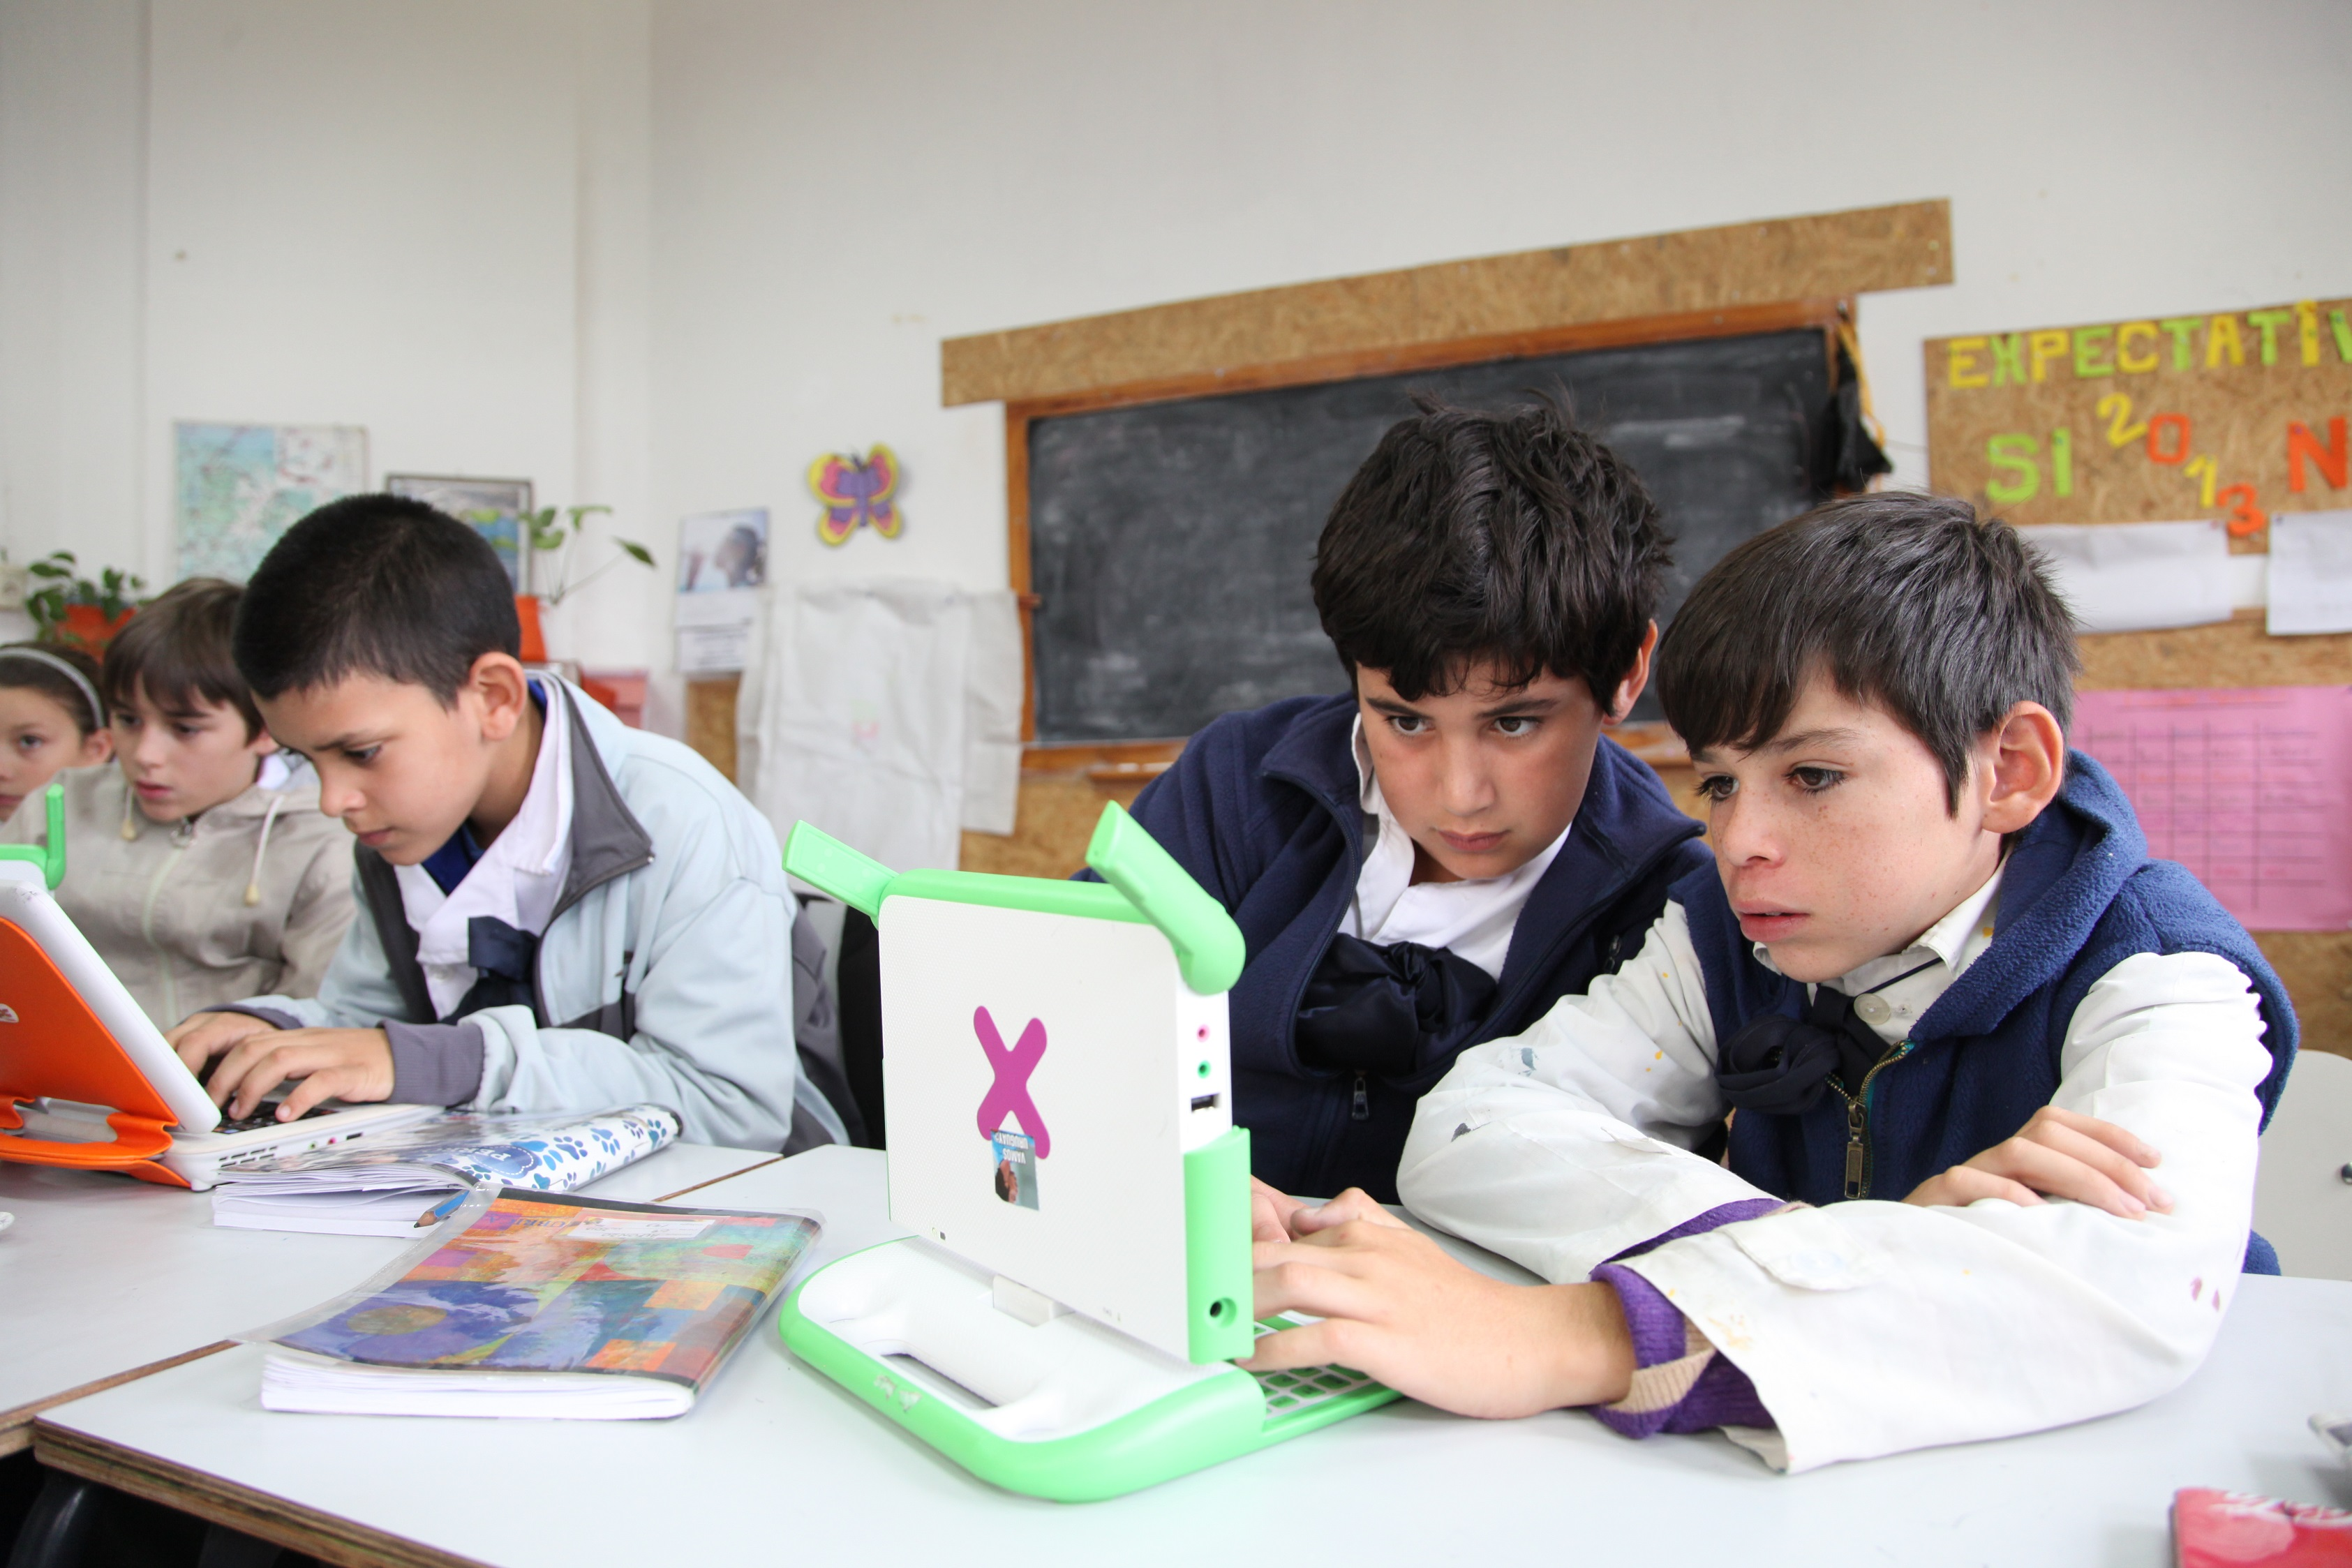 هوشمندسازی مدارس